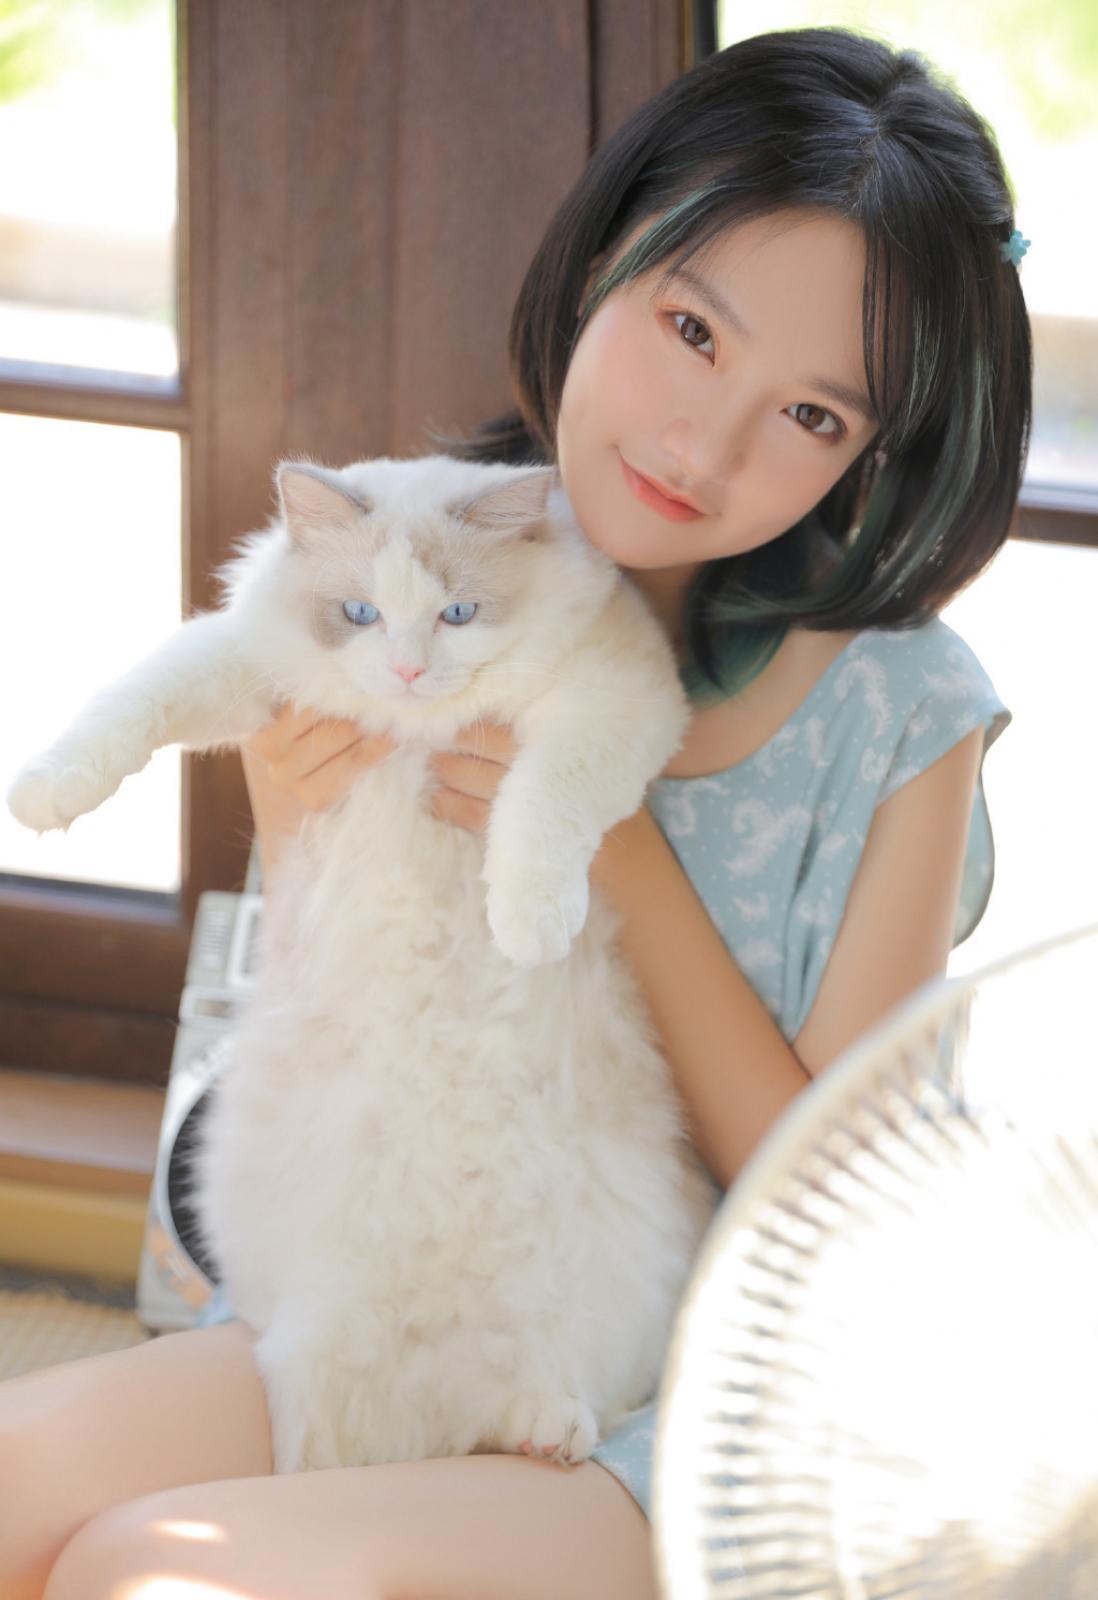 清纯邻家妹妹吃西瓜高清图片